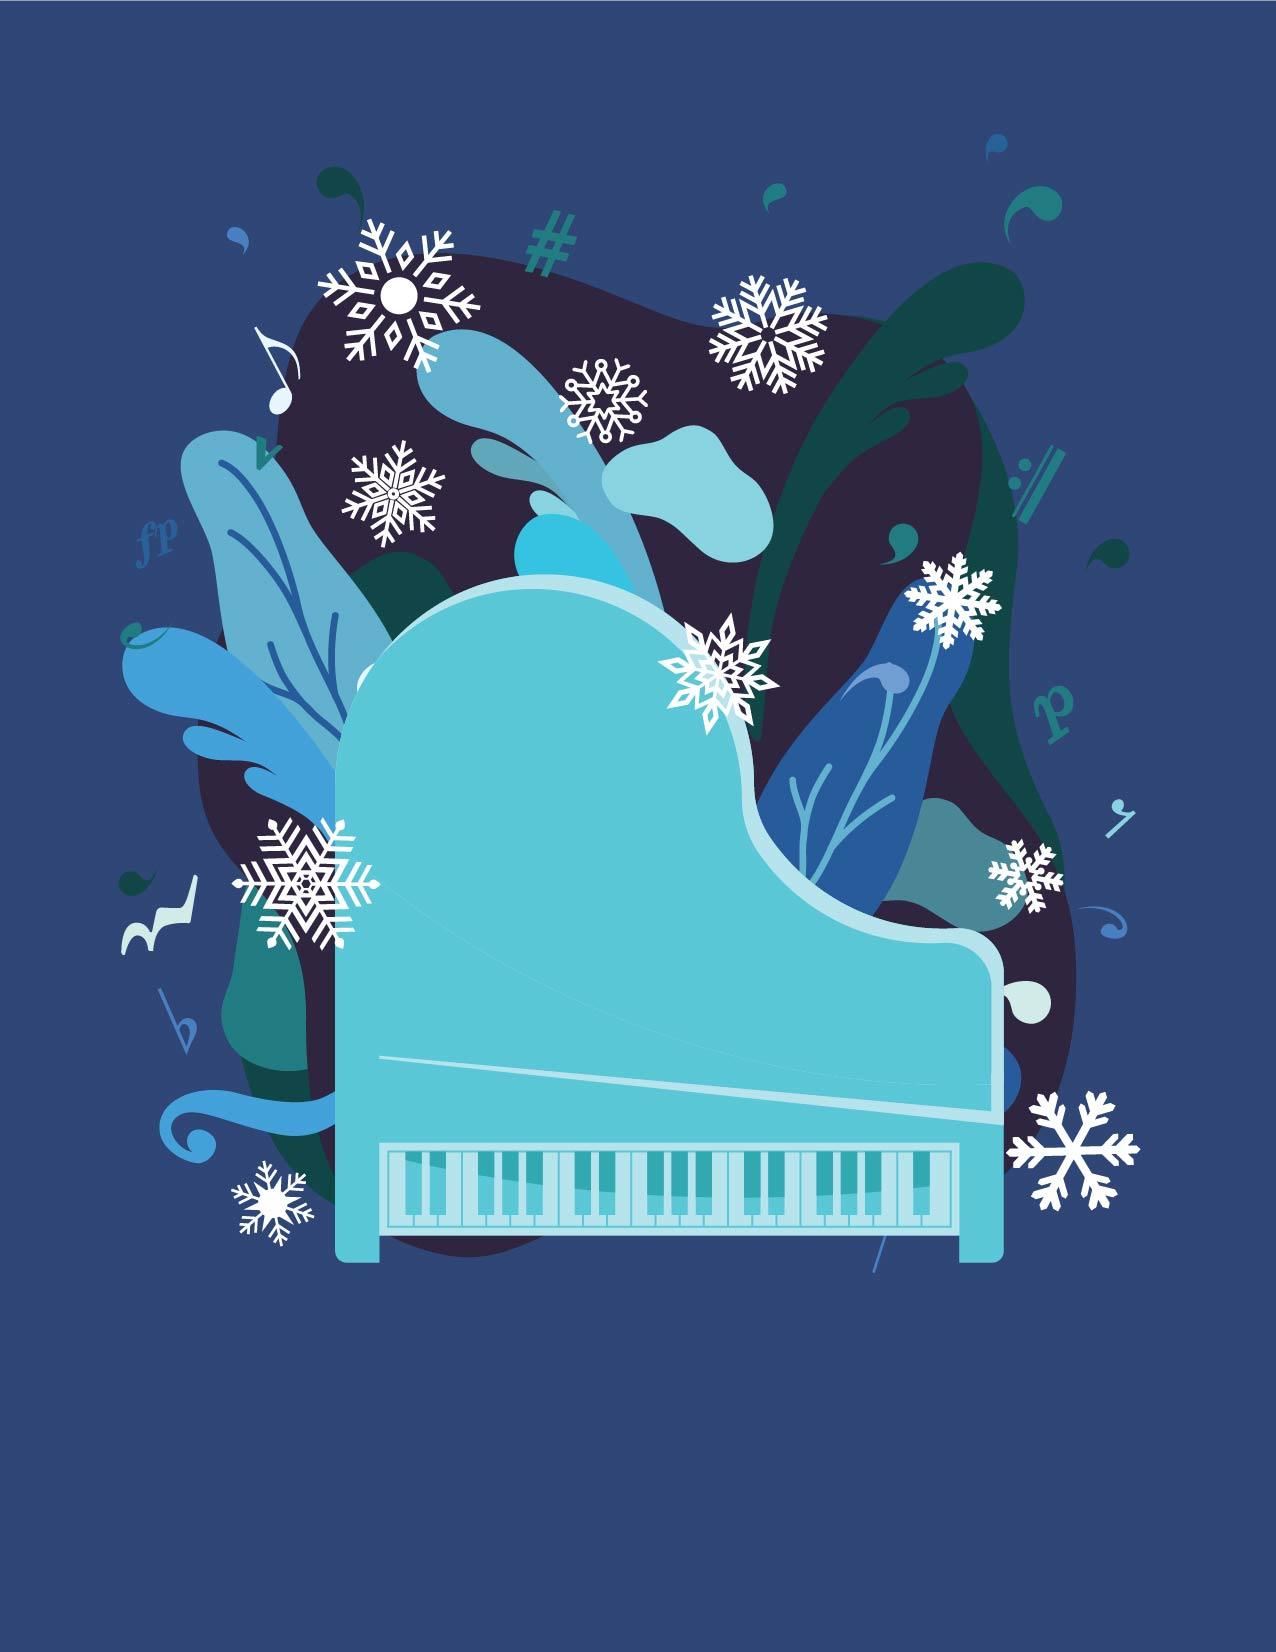 Piano Holiday Music